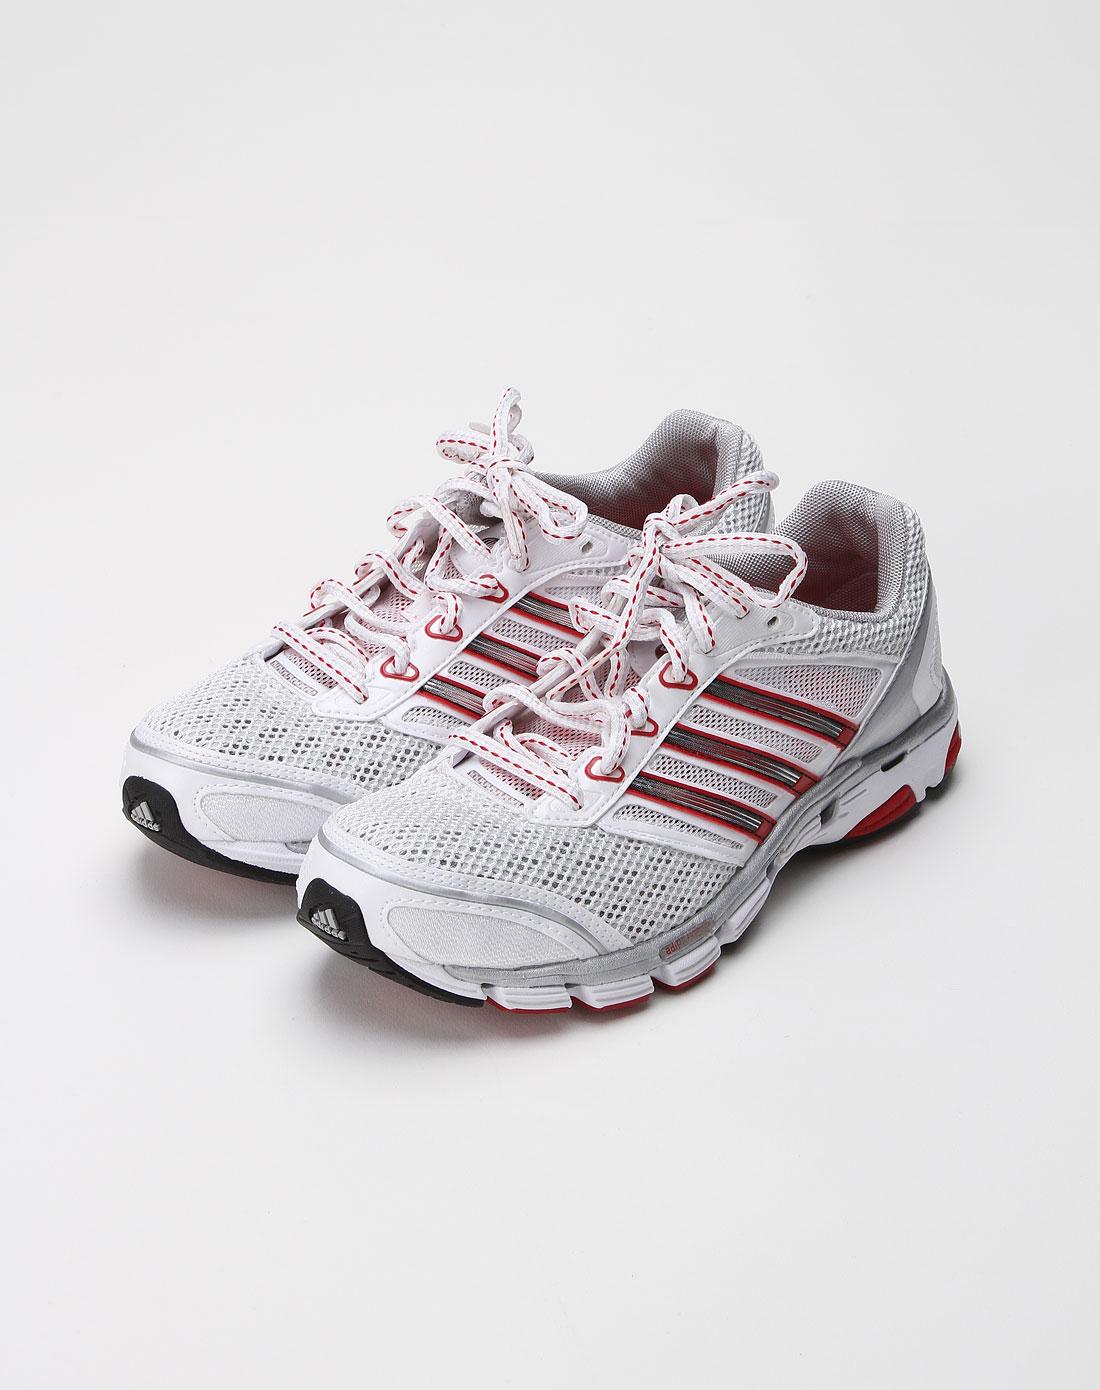 阿迪达斯adidassp女款红/白色网布系带运动鞋054167